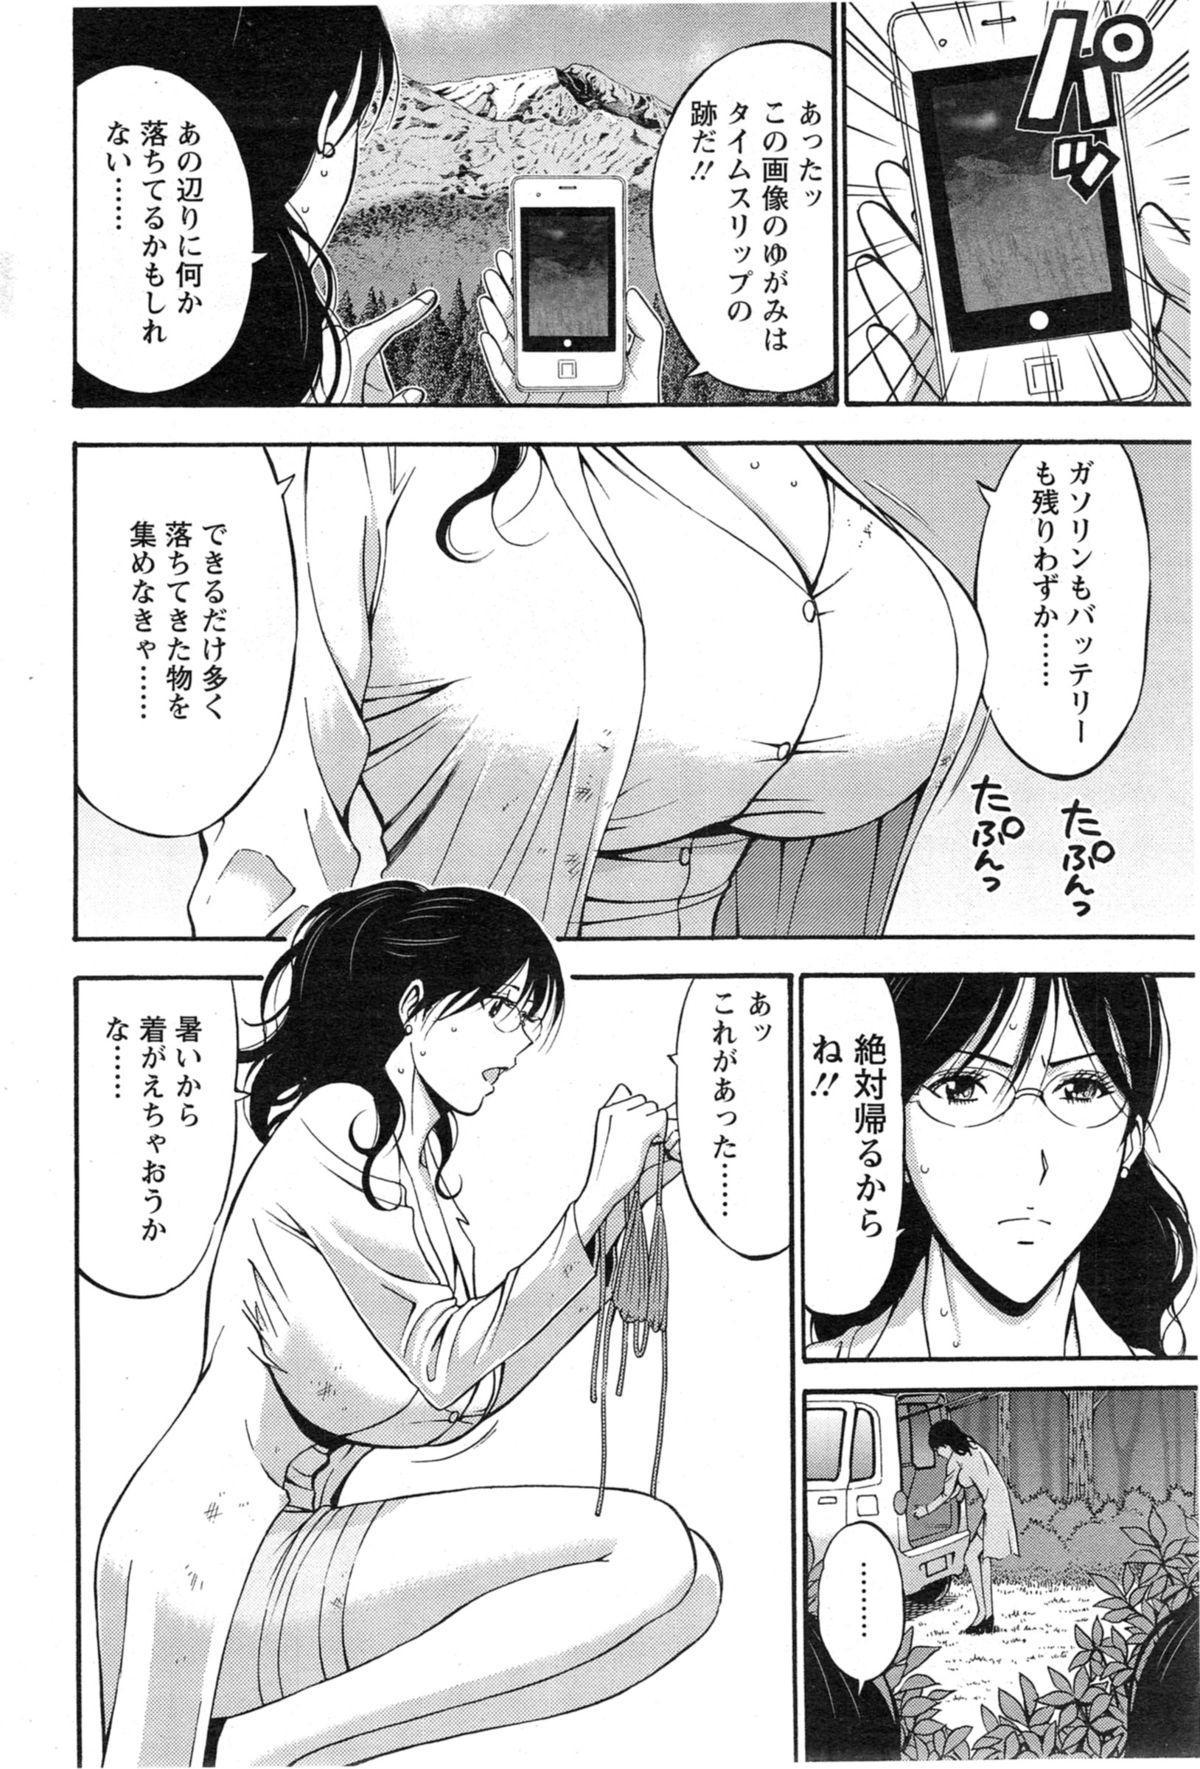 Kigenzen 10000 Nen no Ota Ch. 1-14 116